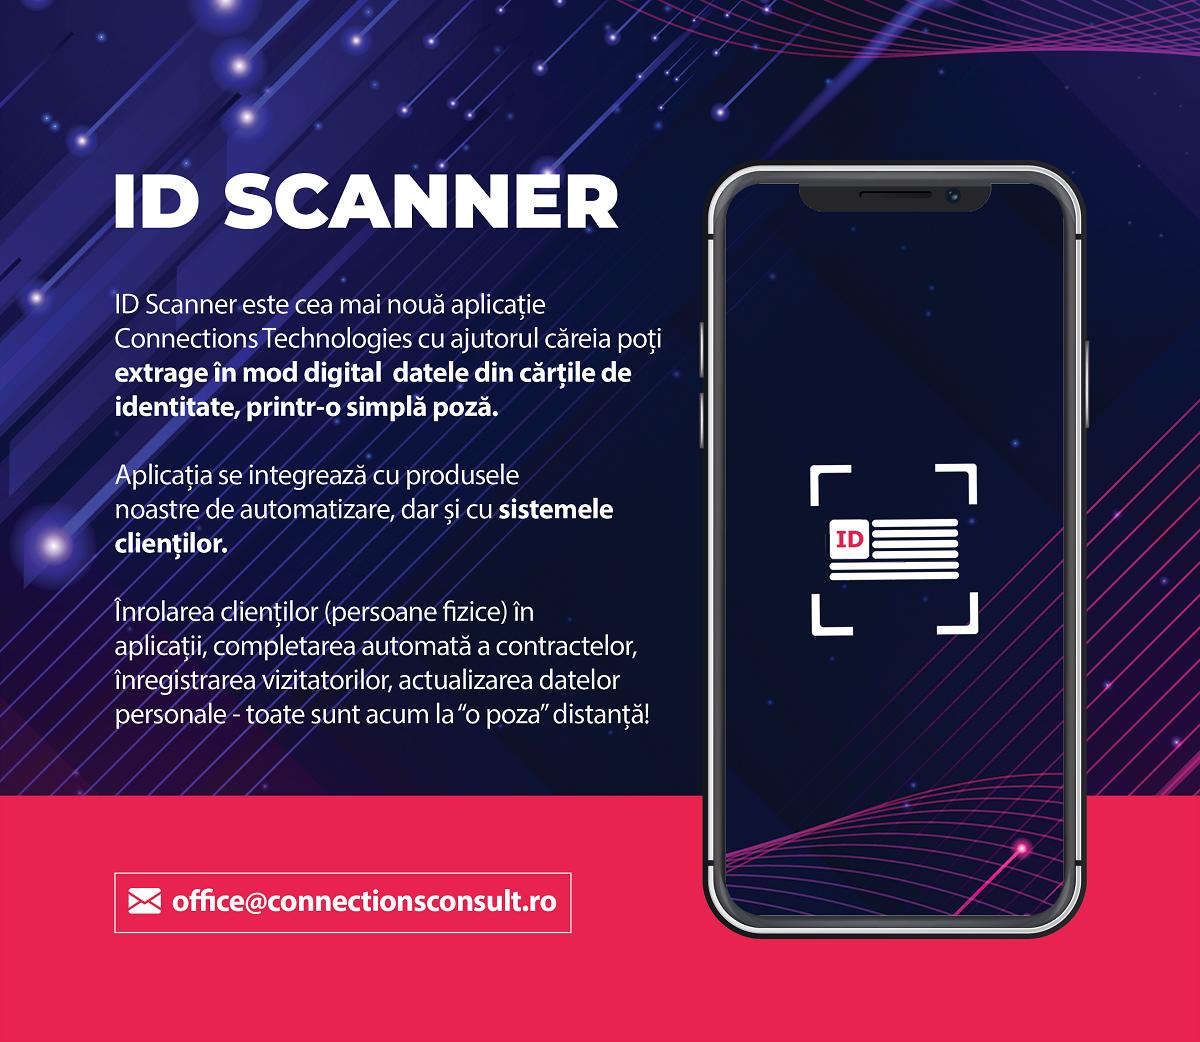 Aplicația ID Scanner extrage datele din cărțile de identitate printr-o simplă poză